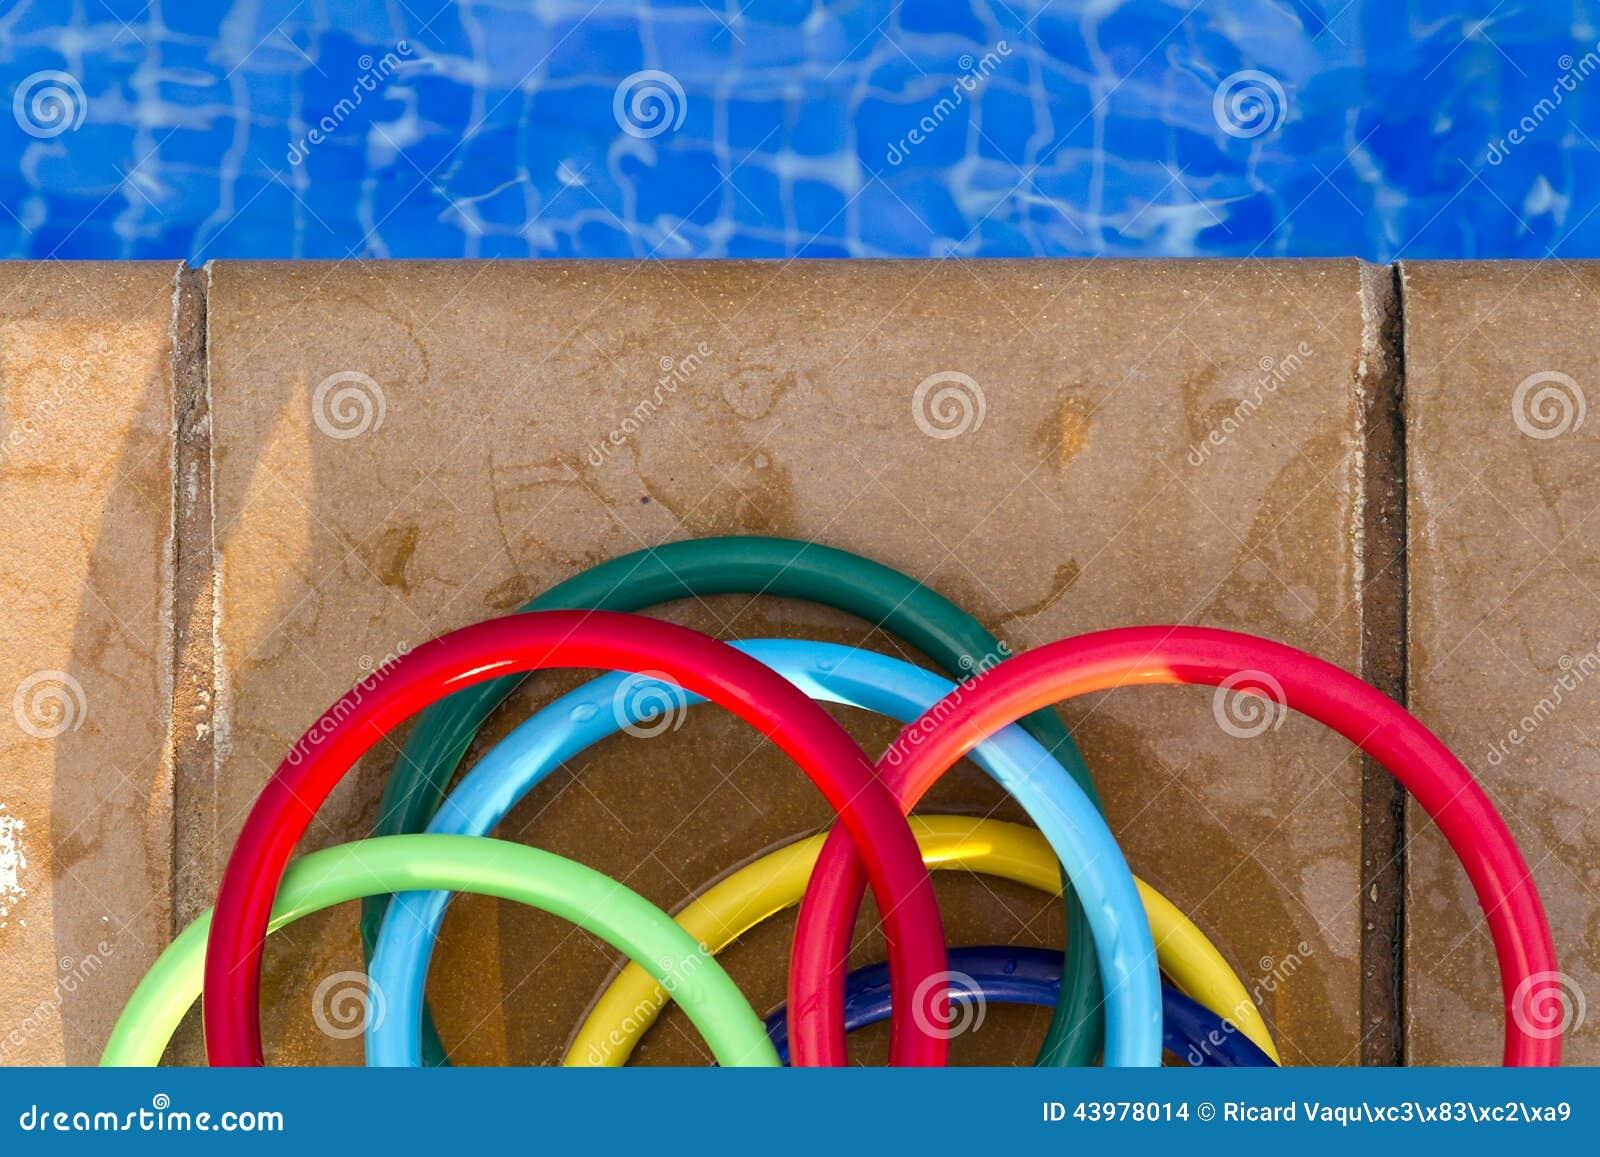 Anneaux en plastique color s sur la mosa que du bord d 39 un for Piscine en plastique